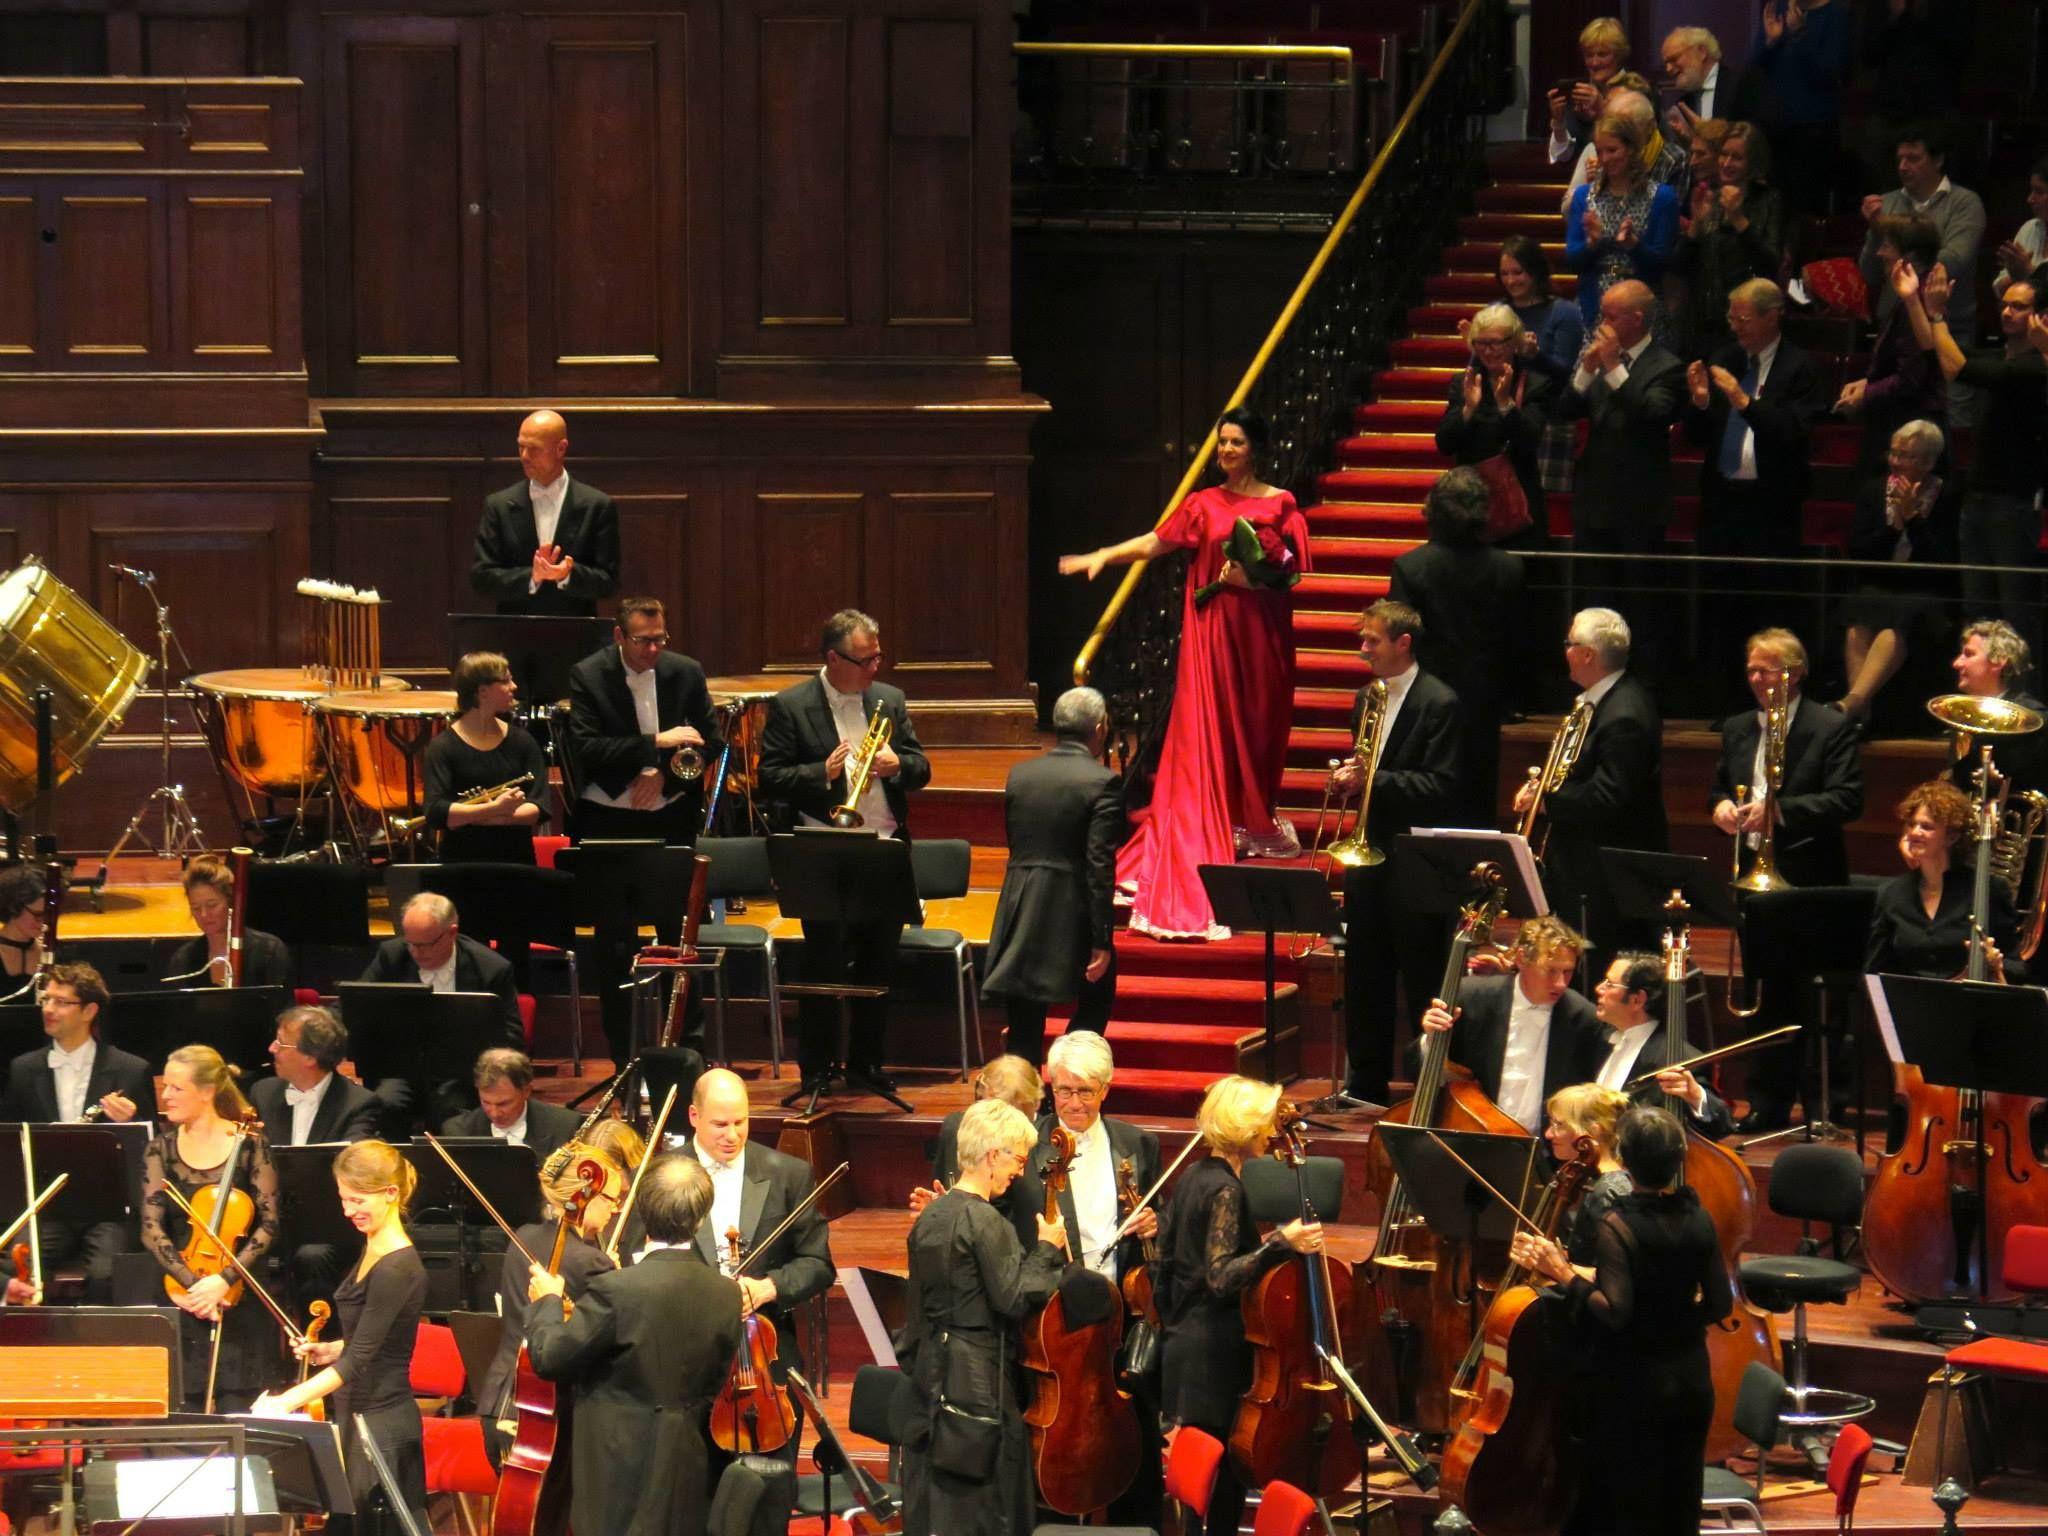 Angela Gheorghiu en concierto. Amsterdam, Concertgebouw (Noviembre 2014)